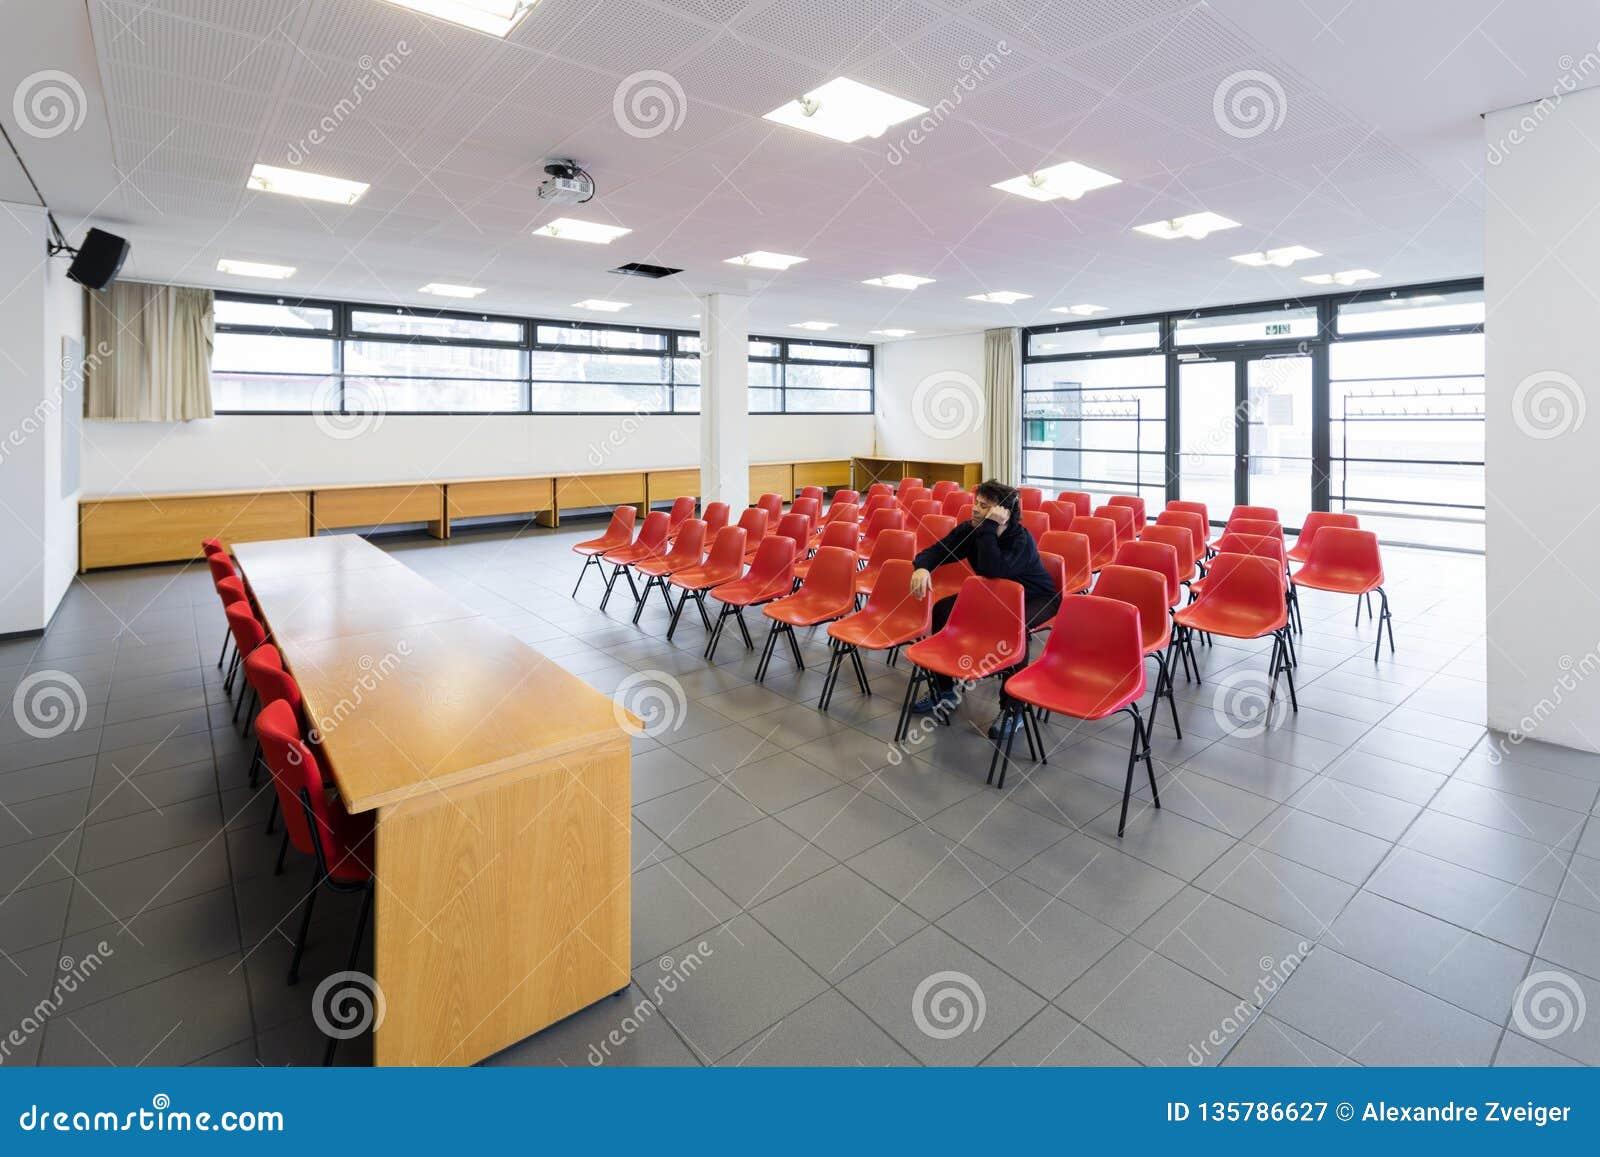 Einsamer Mann im leeren Konferenzsaal, Konzept